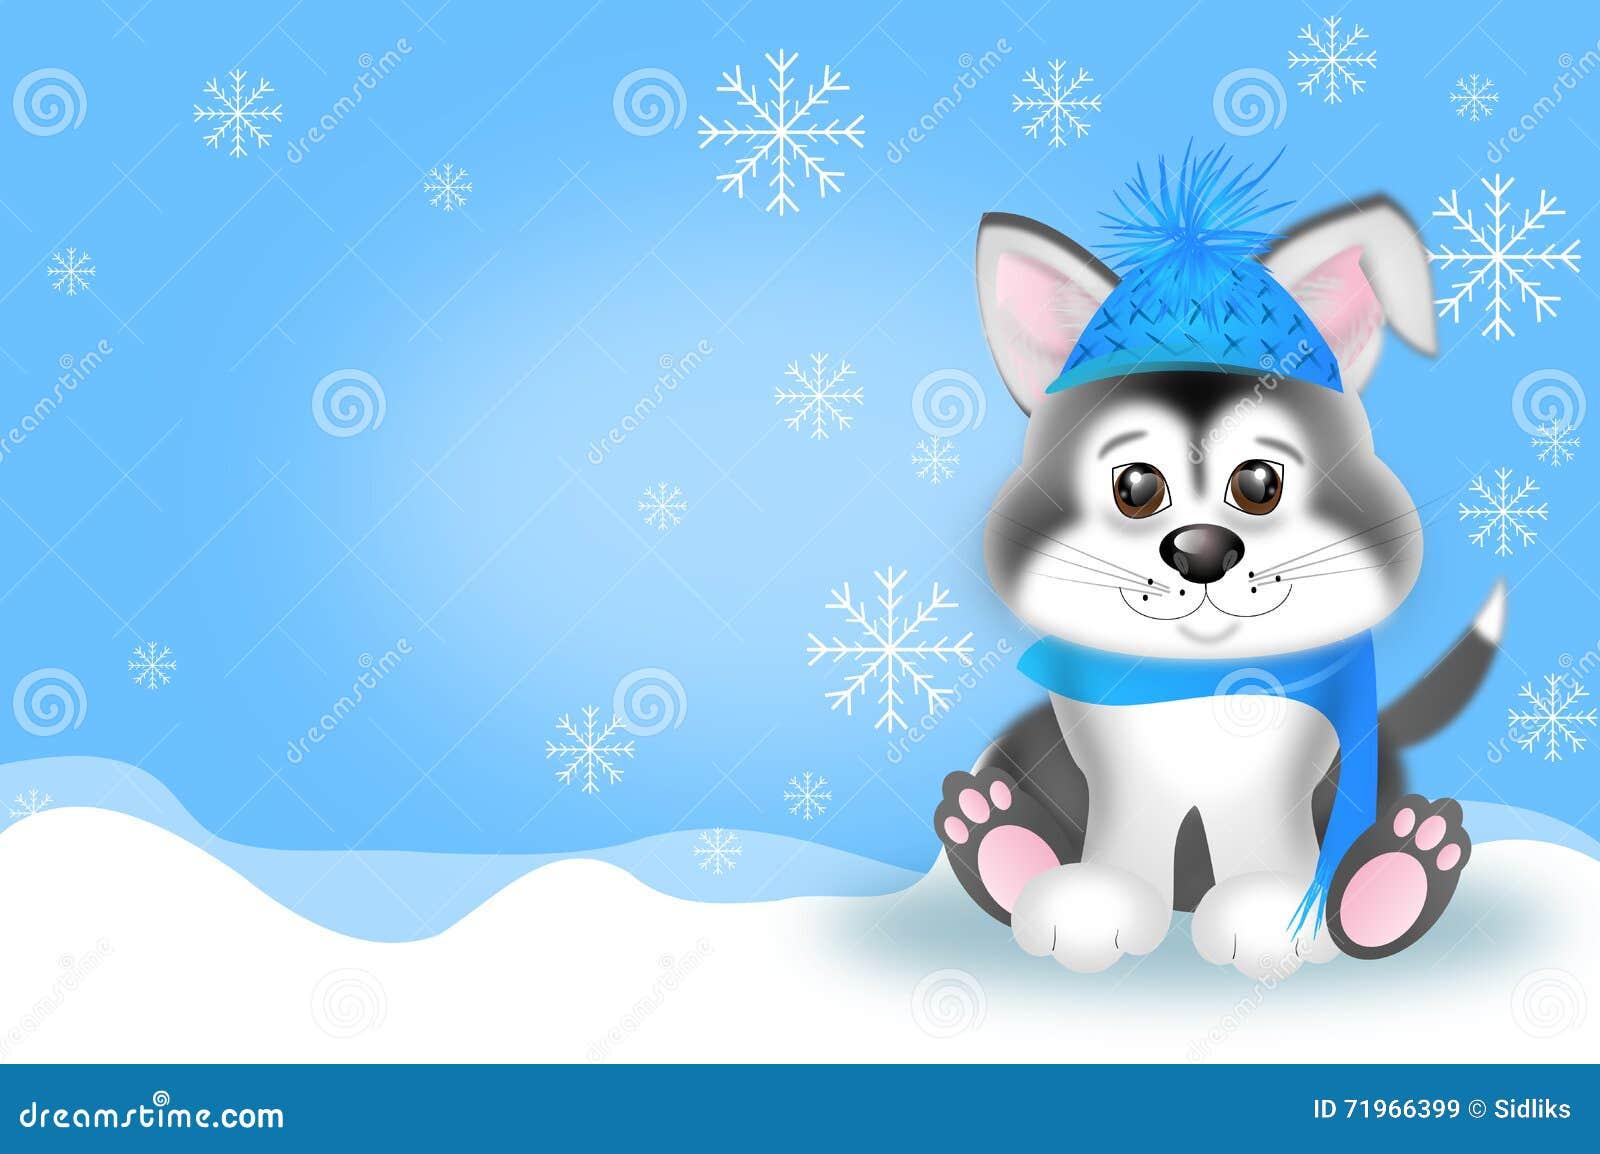 西伯利亚爱斯基摩人小狗的逗人喜爱的例证在冬天.图片